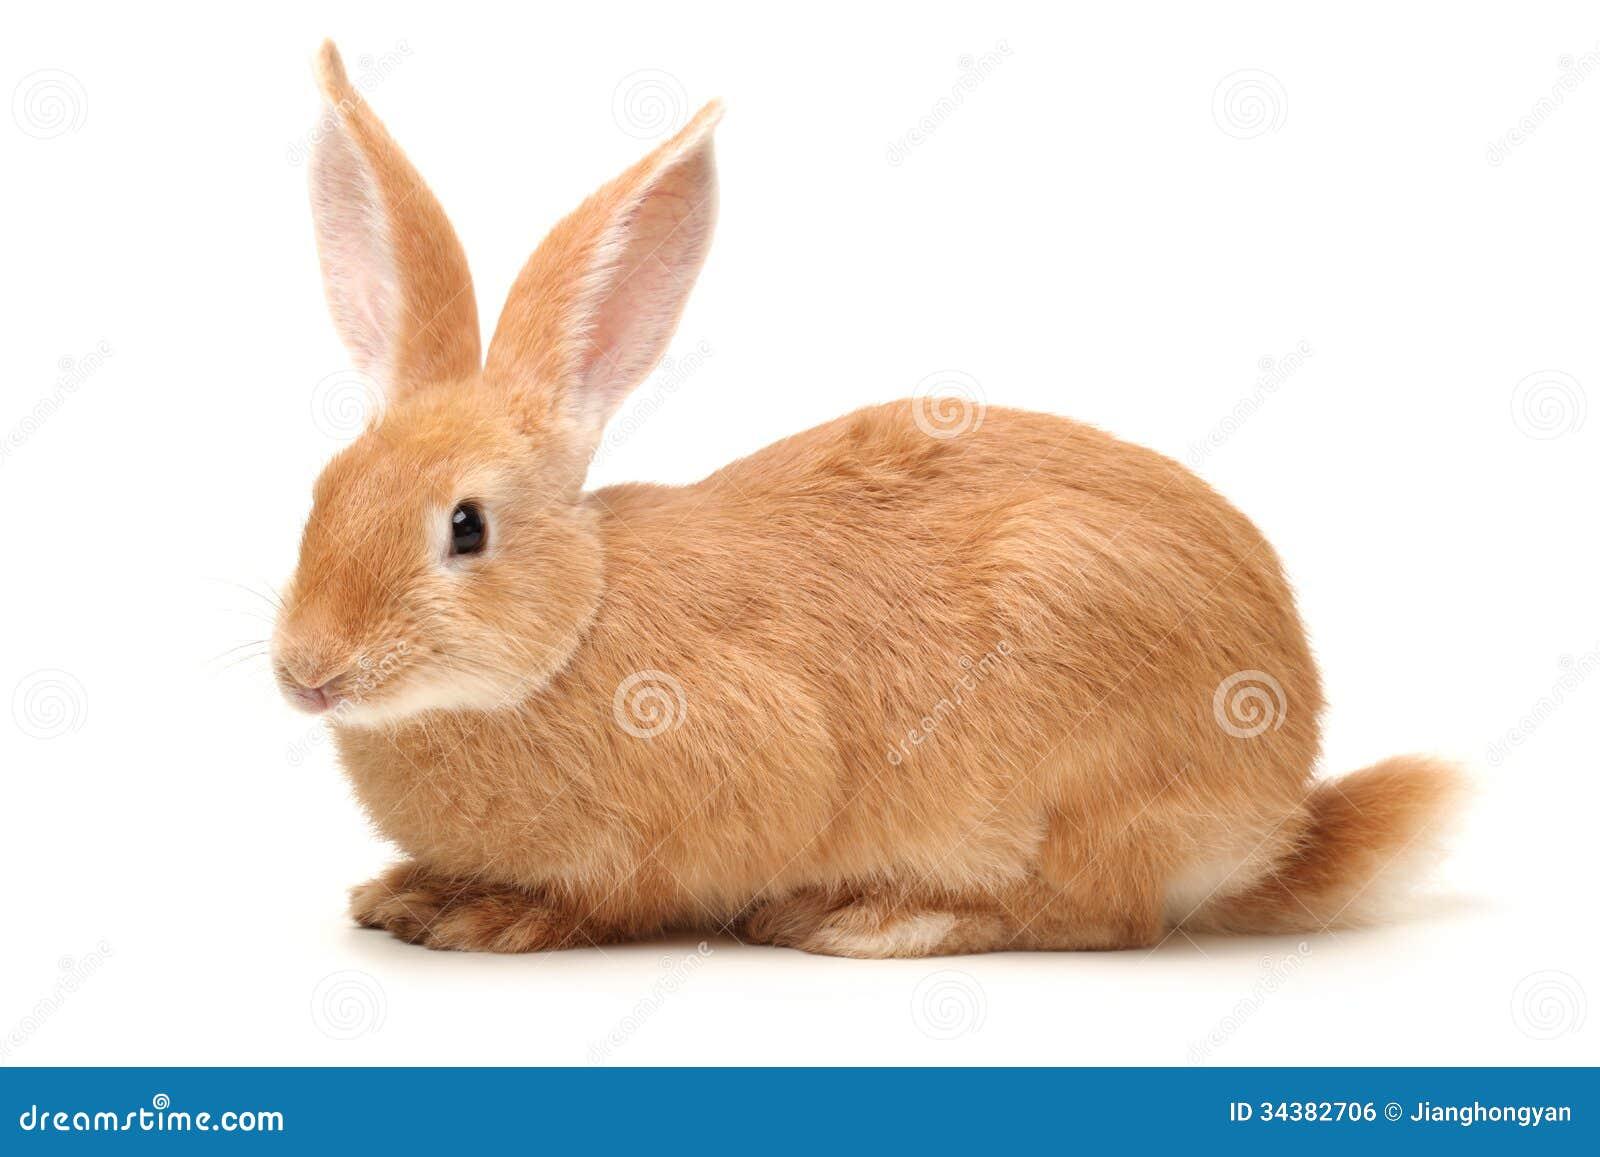 orange rabbit royalty free stock image   image 34382706